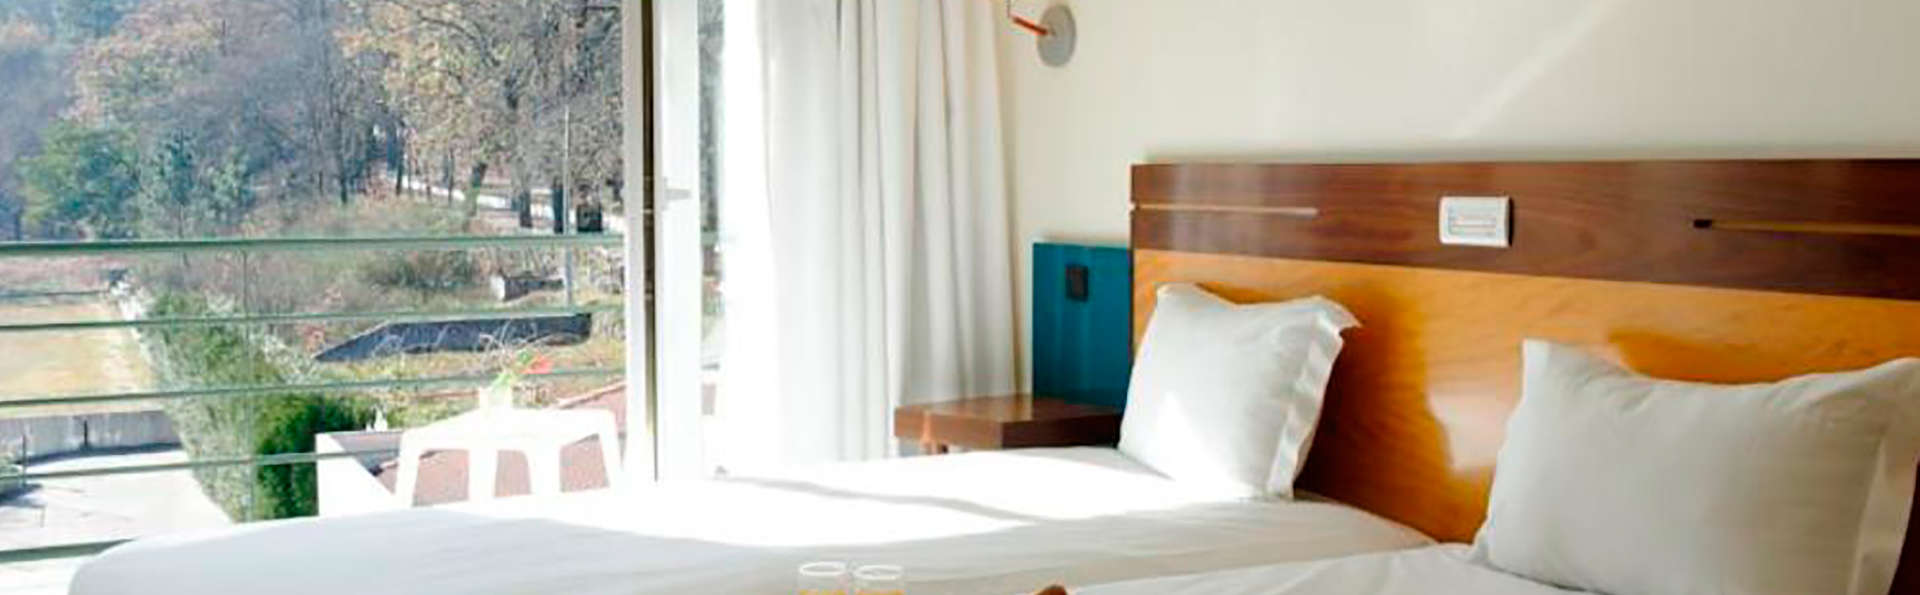 Golden Tulip Braga Hotel & Spa - EDIT_room1.jpg